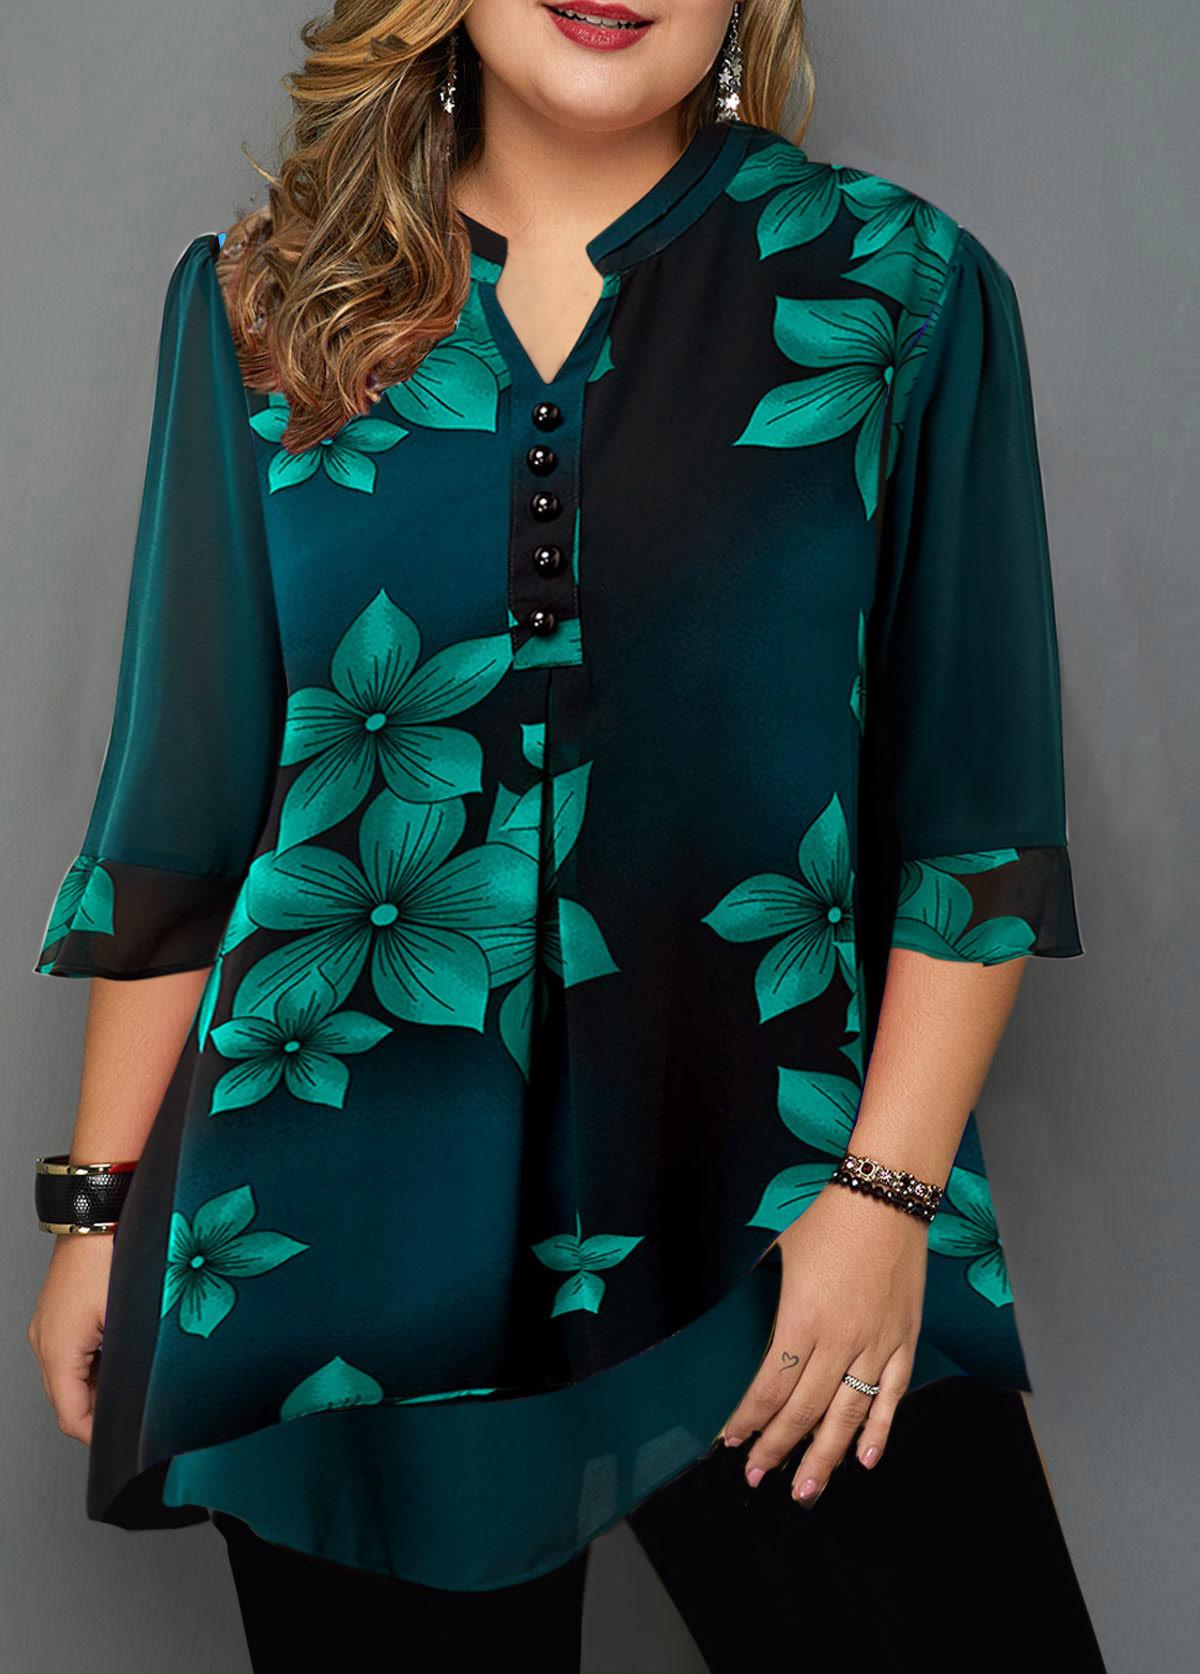 Button Detail Large Floral Print Plus Size Blouse